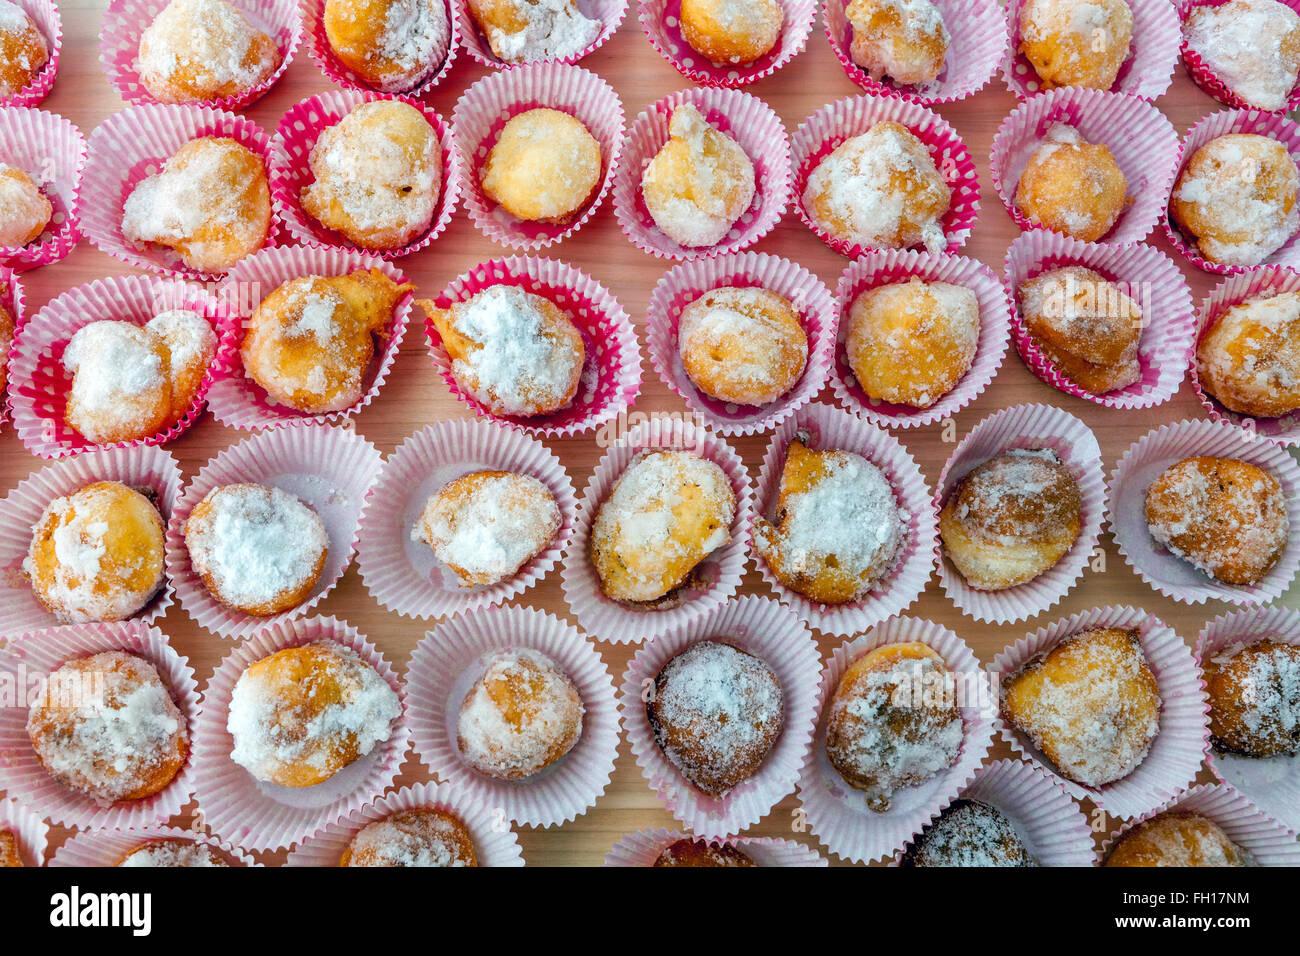 Checa poco dulce casero donas en casos de papel Foto de stock